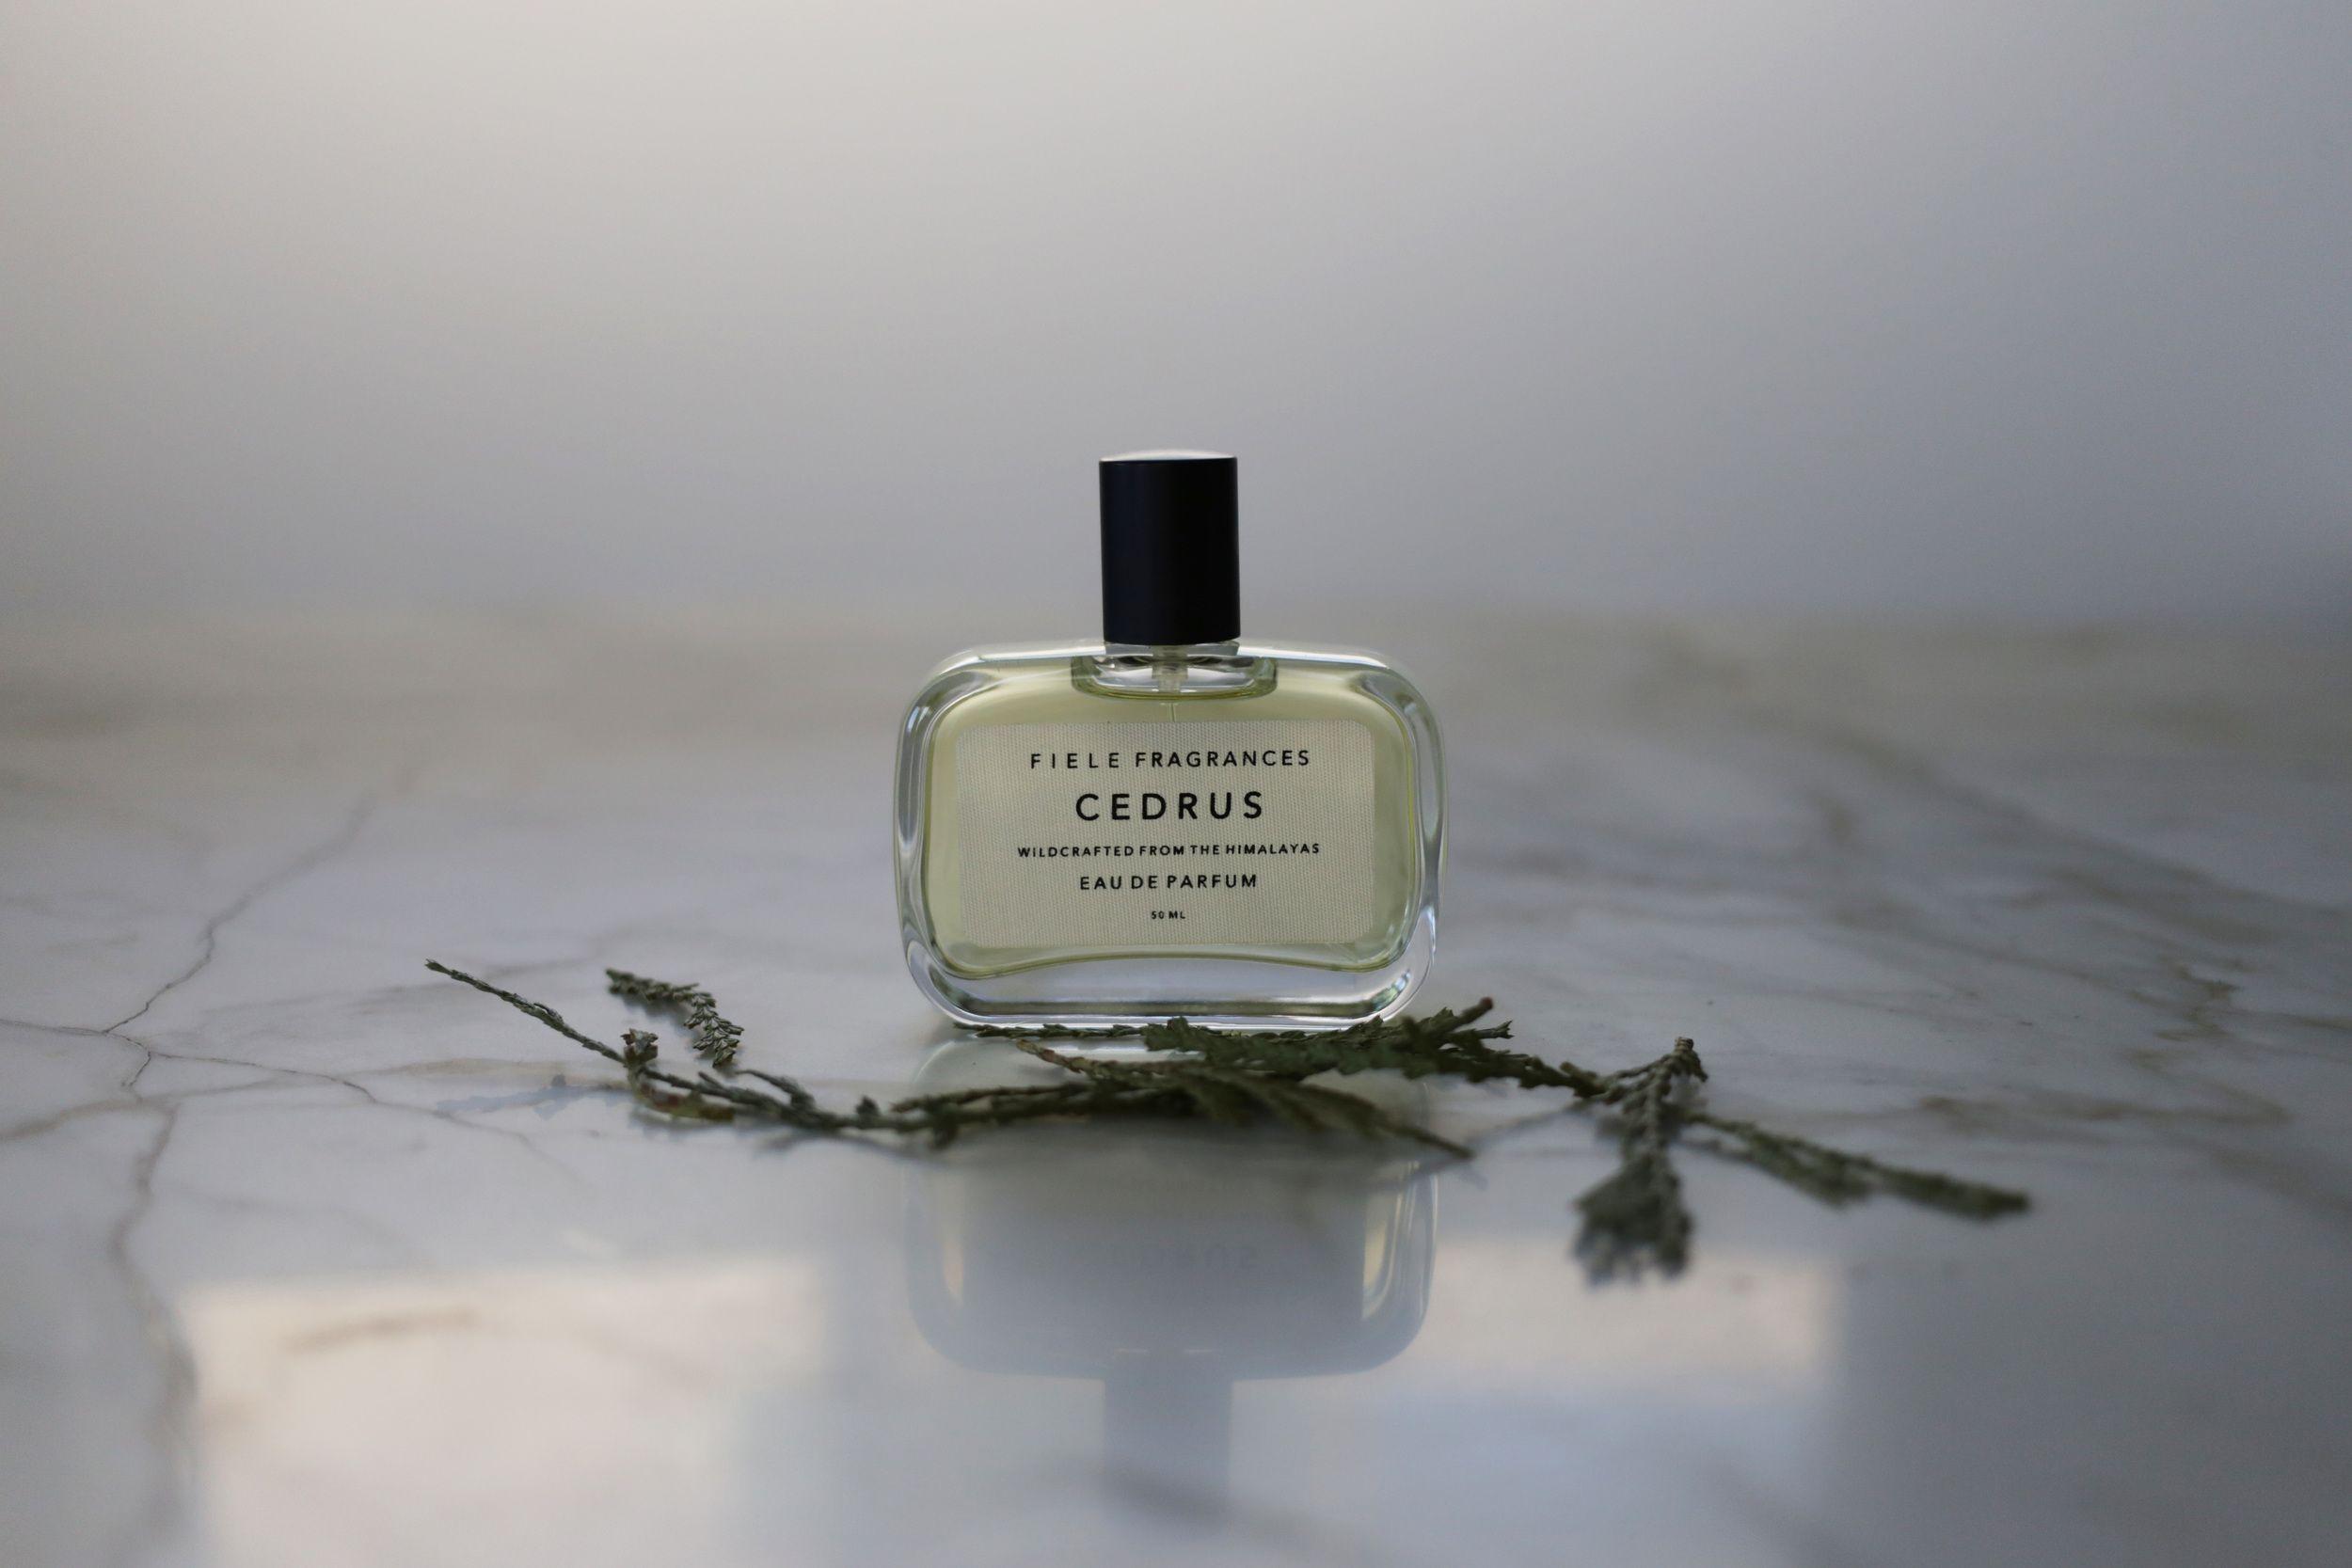 Cedrus | Fiele Fragrances